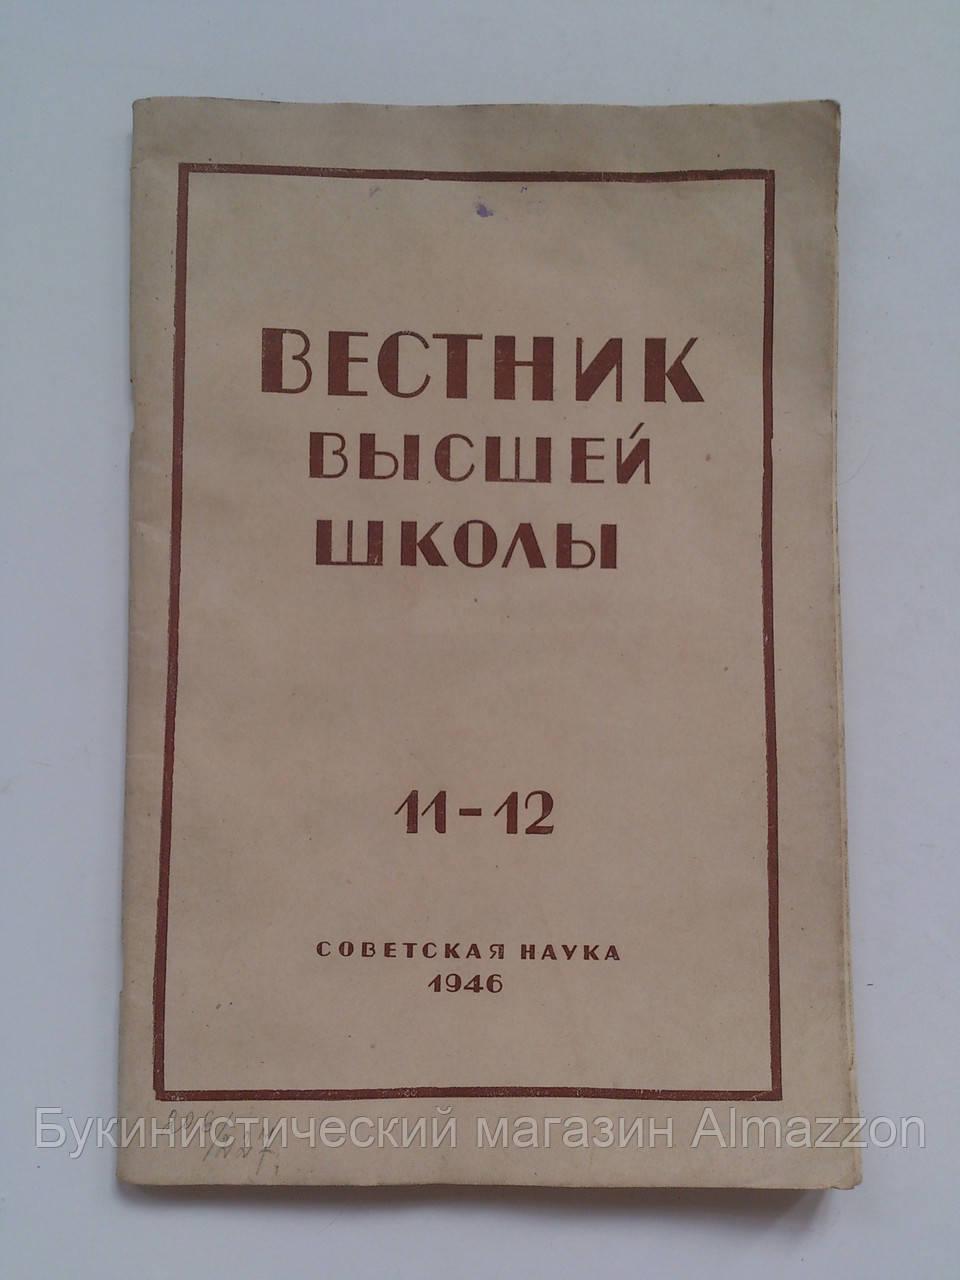 Вестник высшей школы № 11-12 1946 год, фото 1